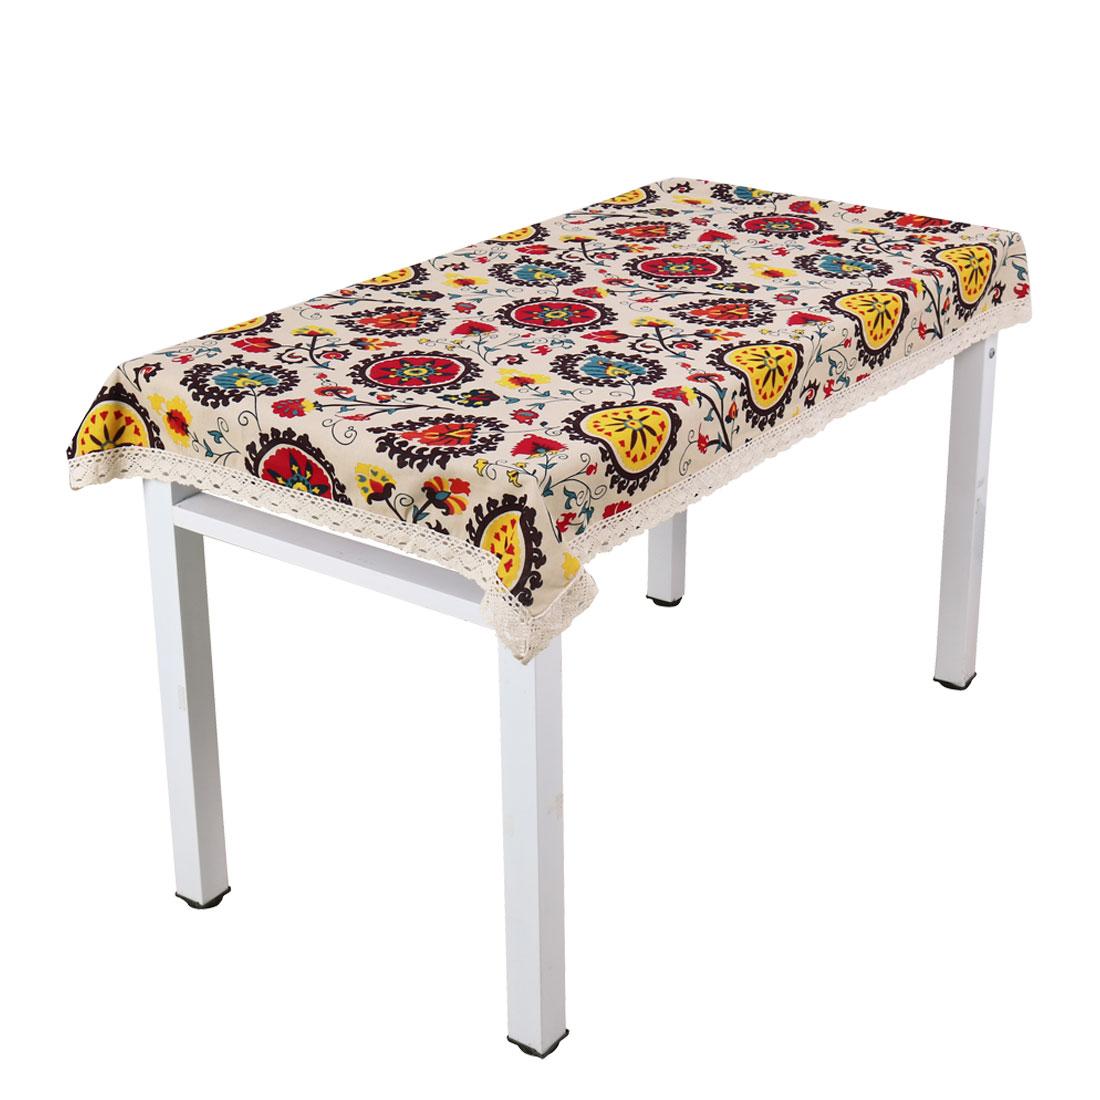 Vintage Lace Sun Flower Tablecloth Cotton Linen Washable Table Cover 140 x 250cm